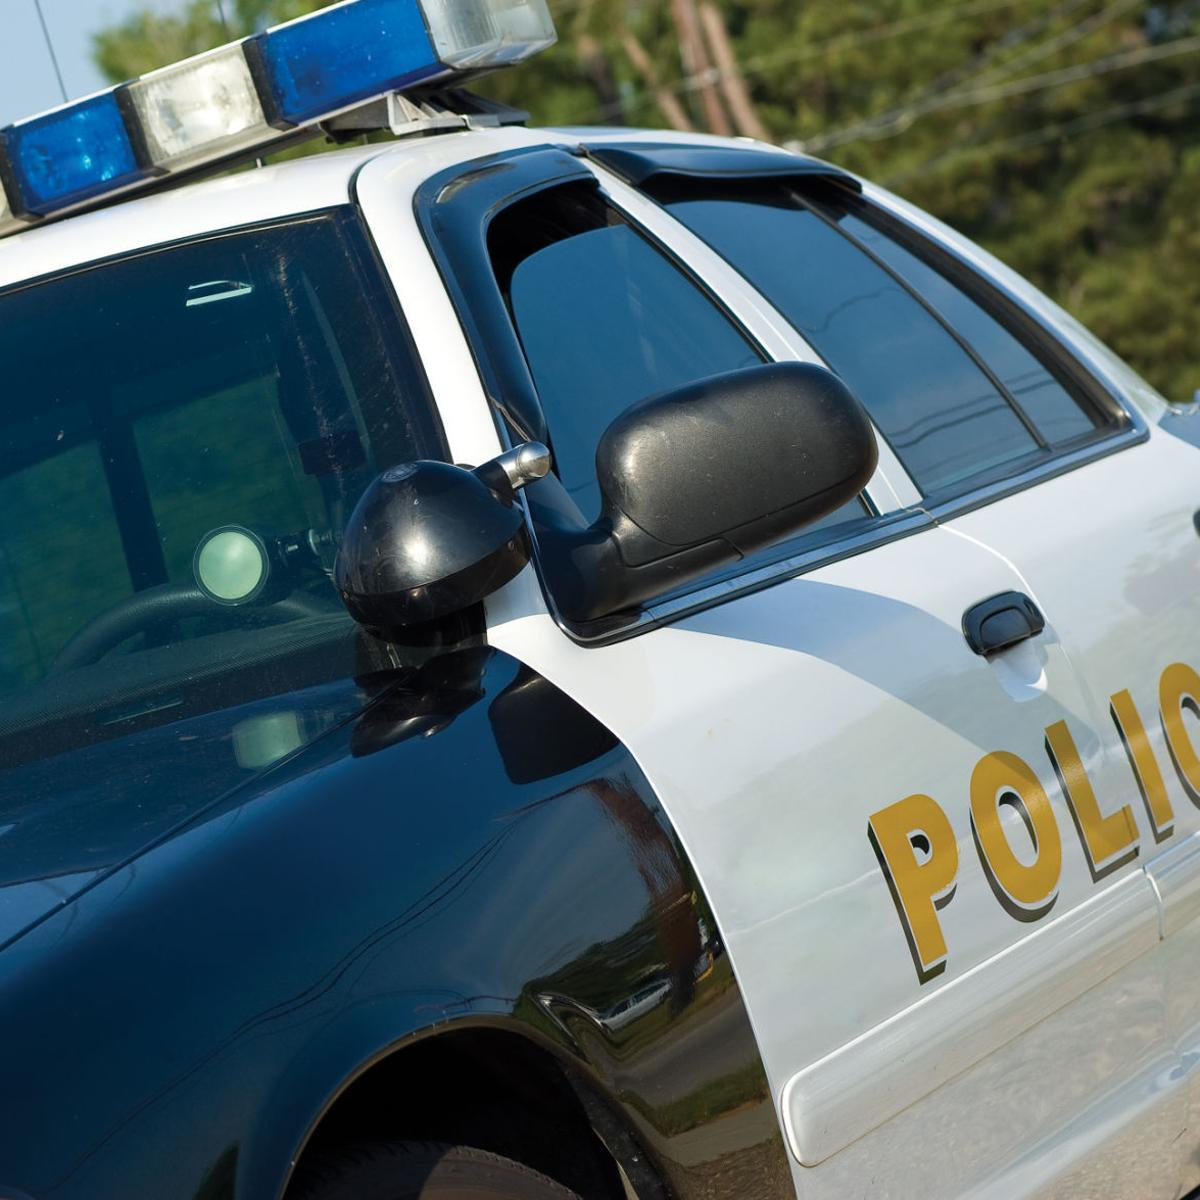 Lemoore motorcyclist dies in semi truck accident | Lemoore